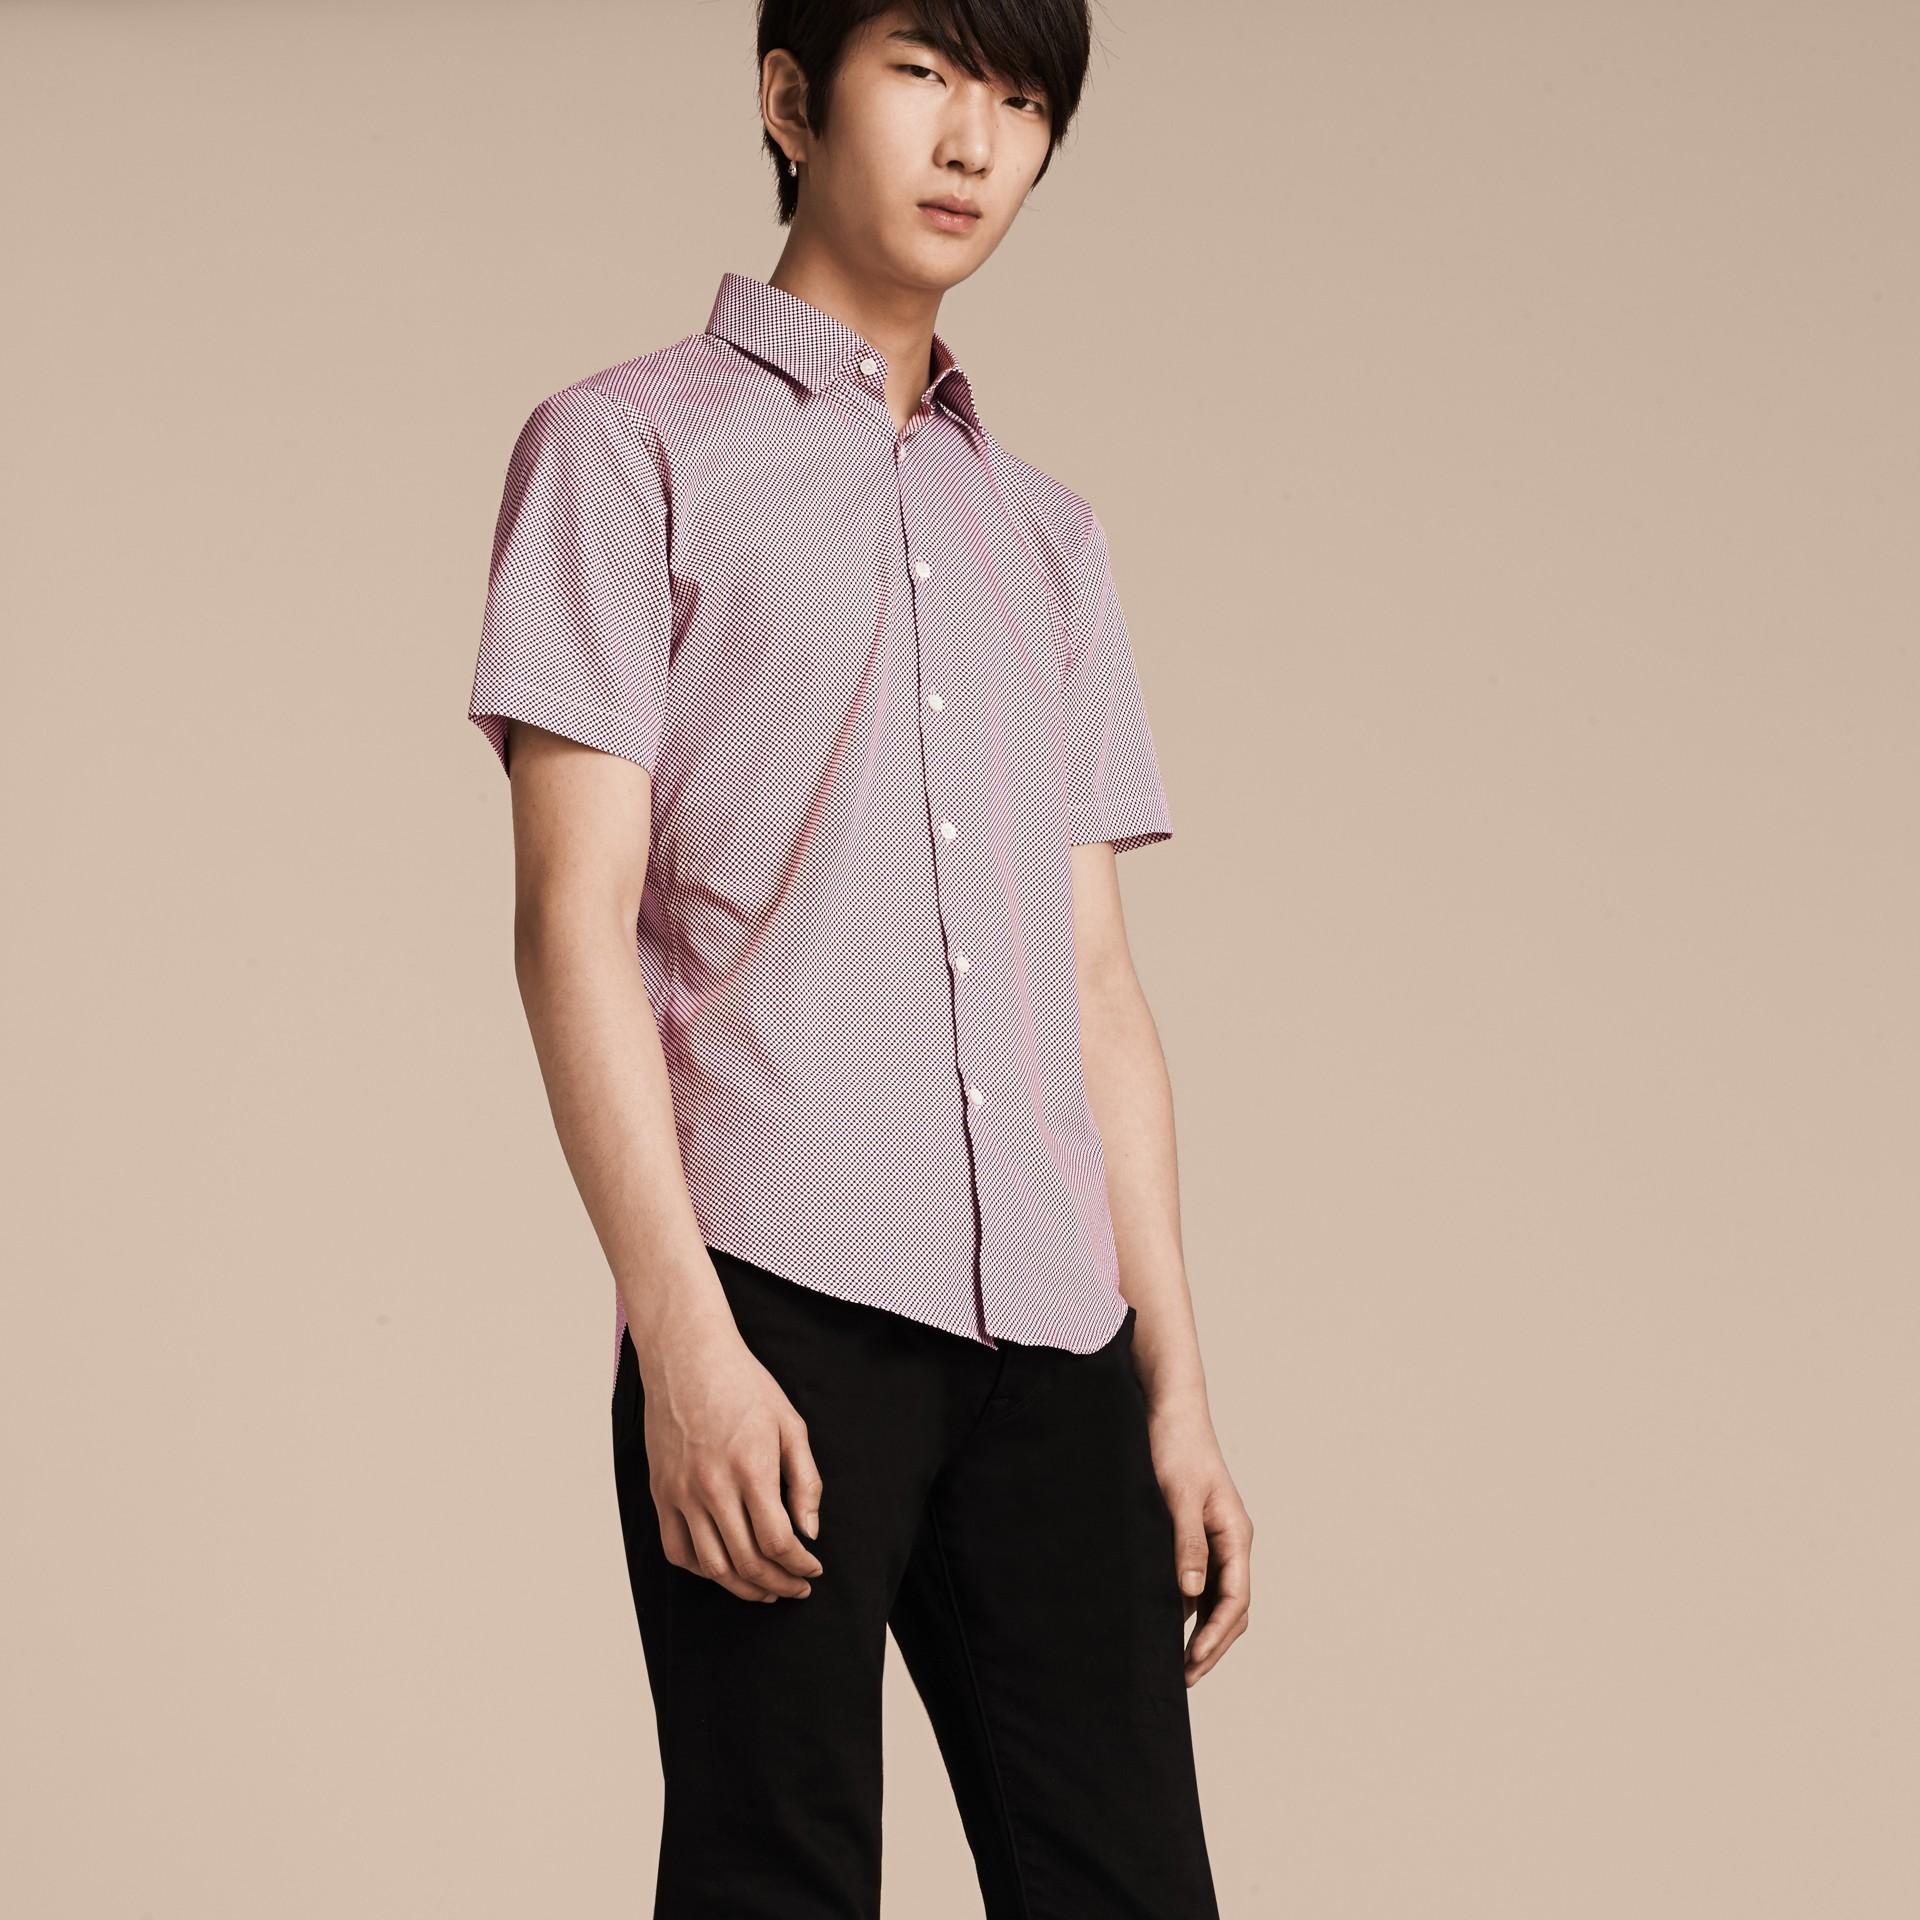 Carmine red Camisa de algodão com mangas curtas e estampa de poás - galeria de imagens 6